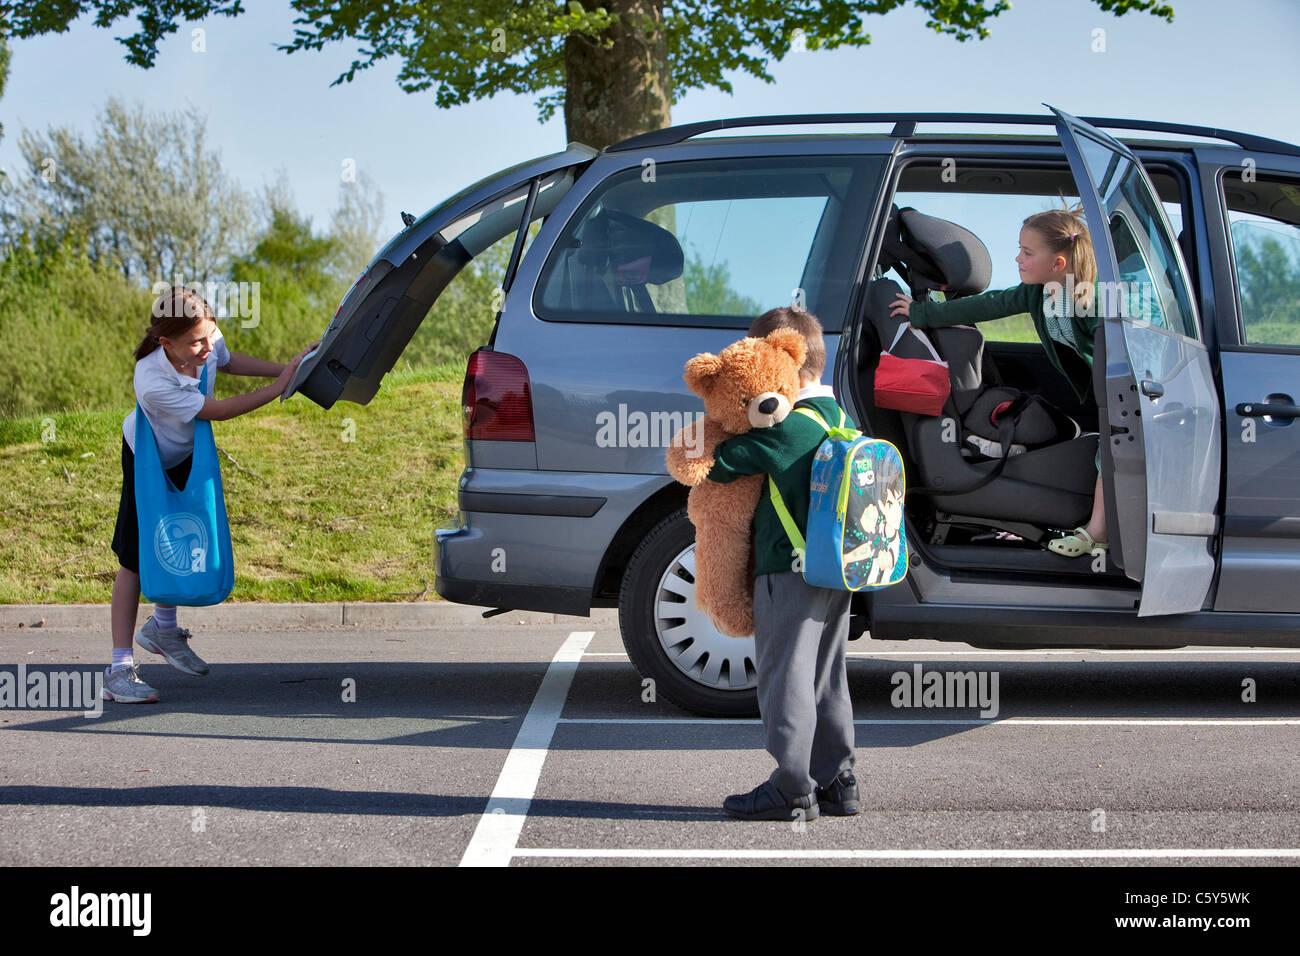 Tre giovani di età primaria dei bambini sul loro modo di scuola in un veicolo per il trasporto di persone Immagini Stock